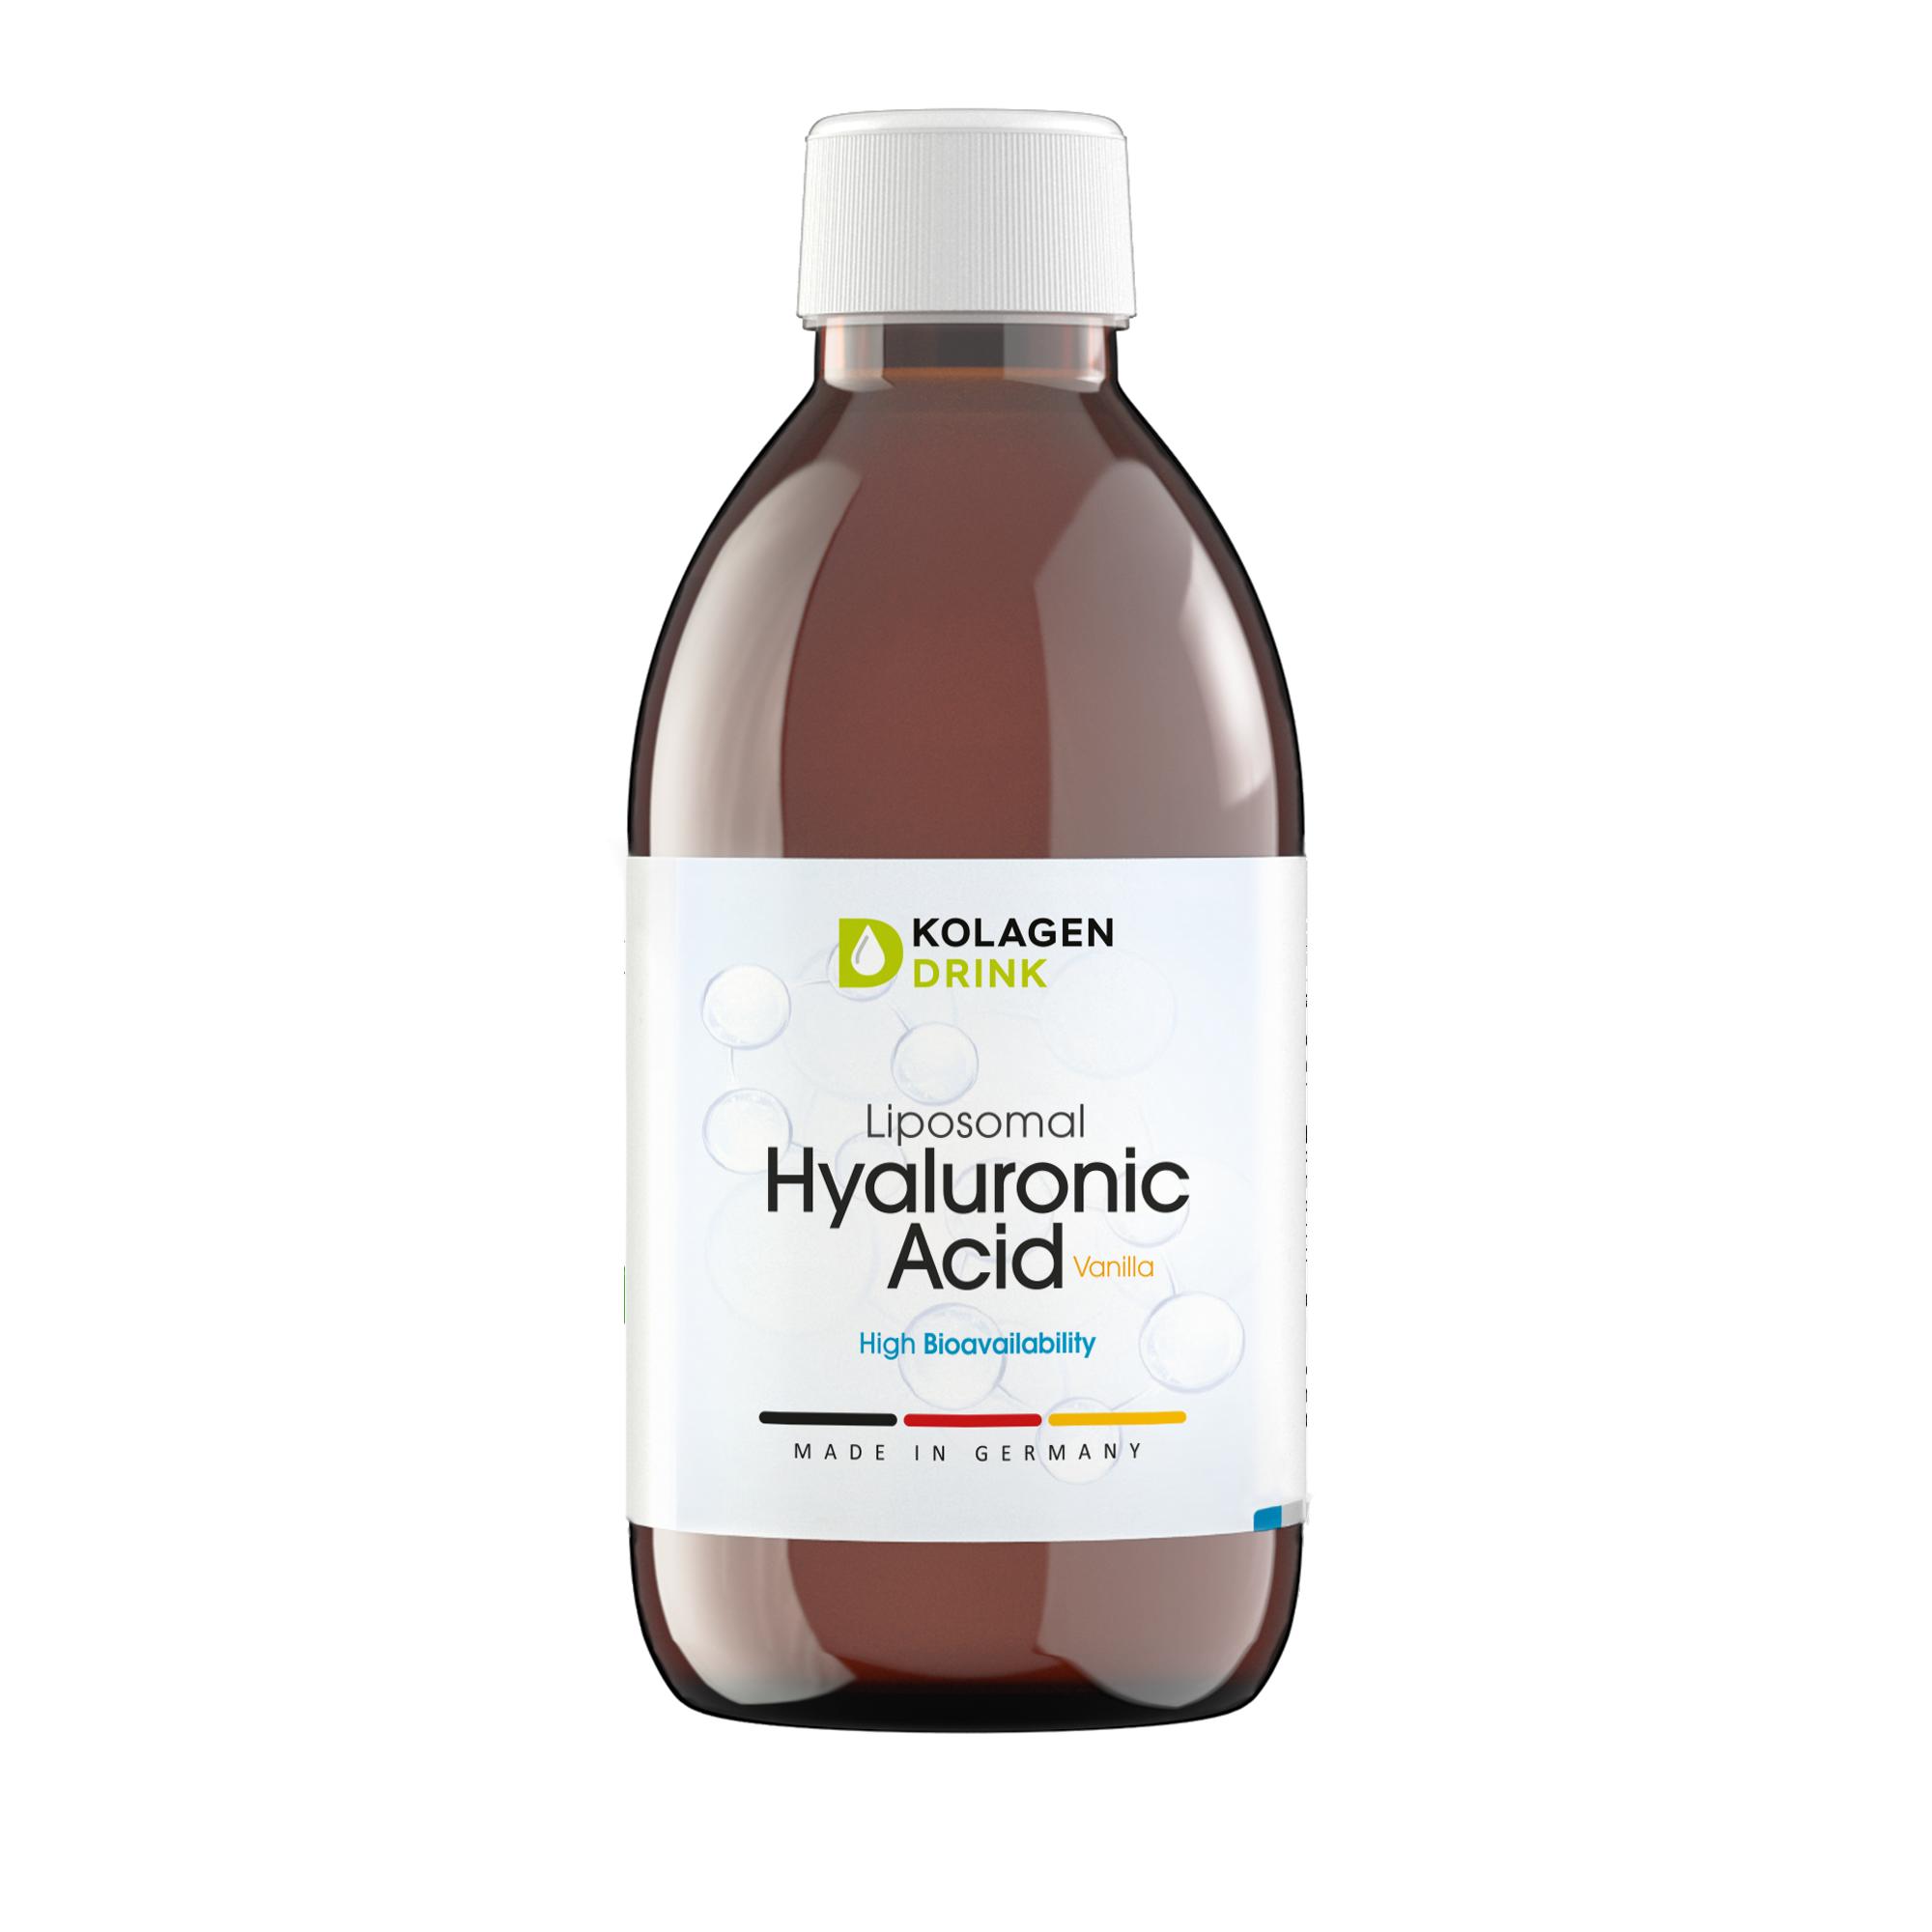 KolagenDrink_HyaluronicAcid_Front